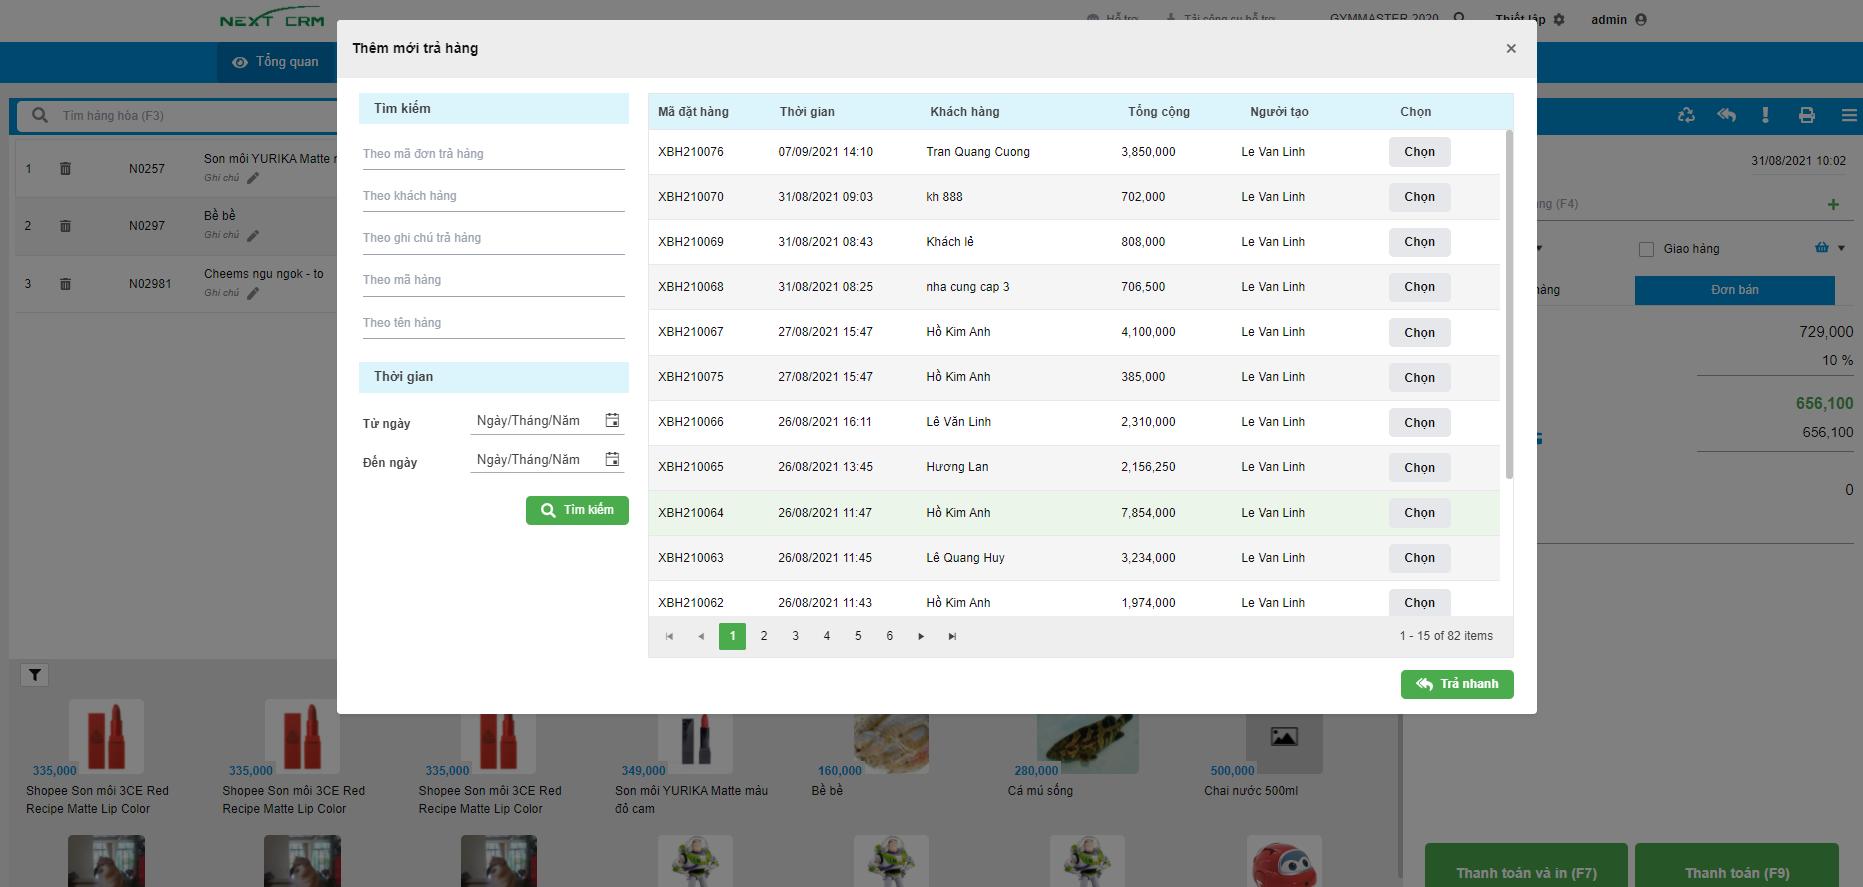 Triển khai phần mềm bán hàng DataPOS cho chuỗi 5 điểm bán hàng của VietinBank (Mảng Trang Sức)